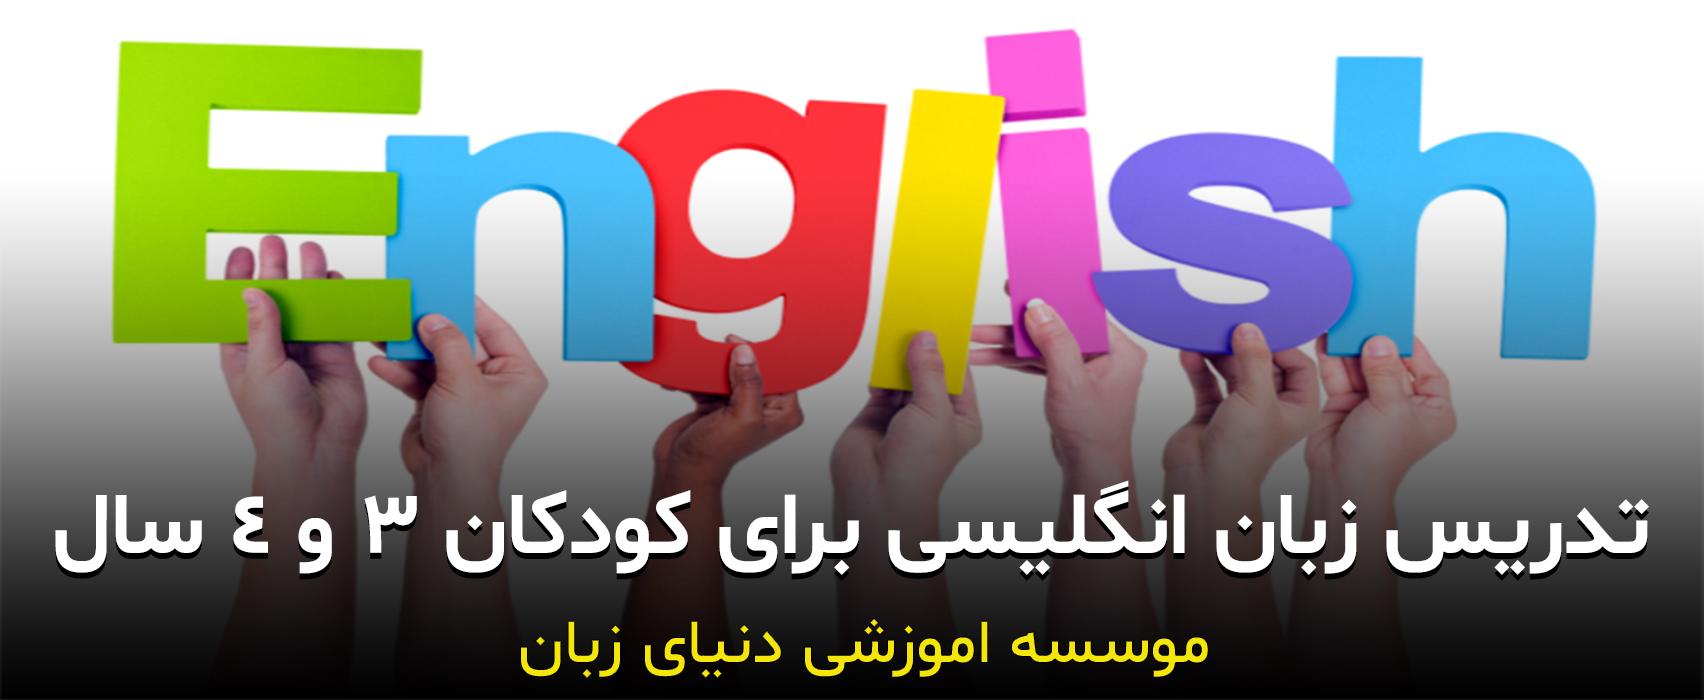 تدریس زبان انگلیسی برای کودکان